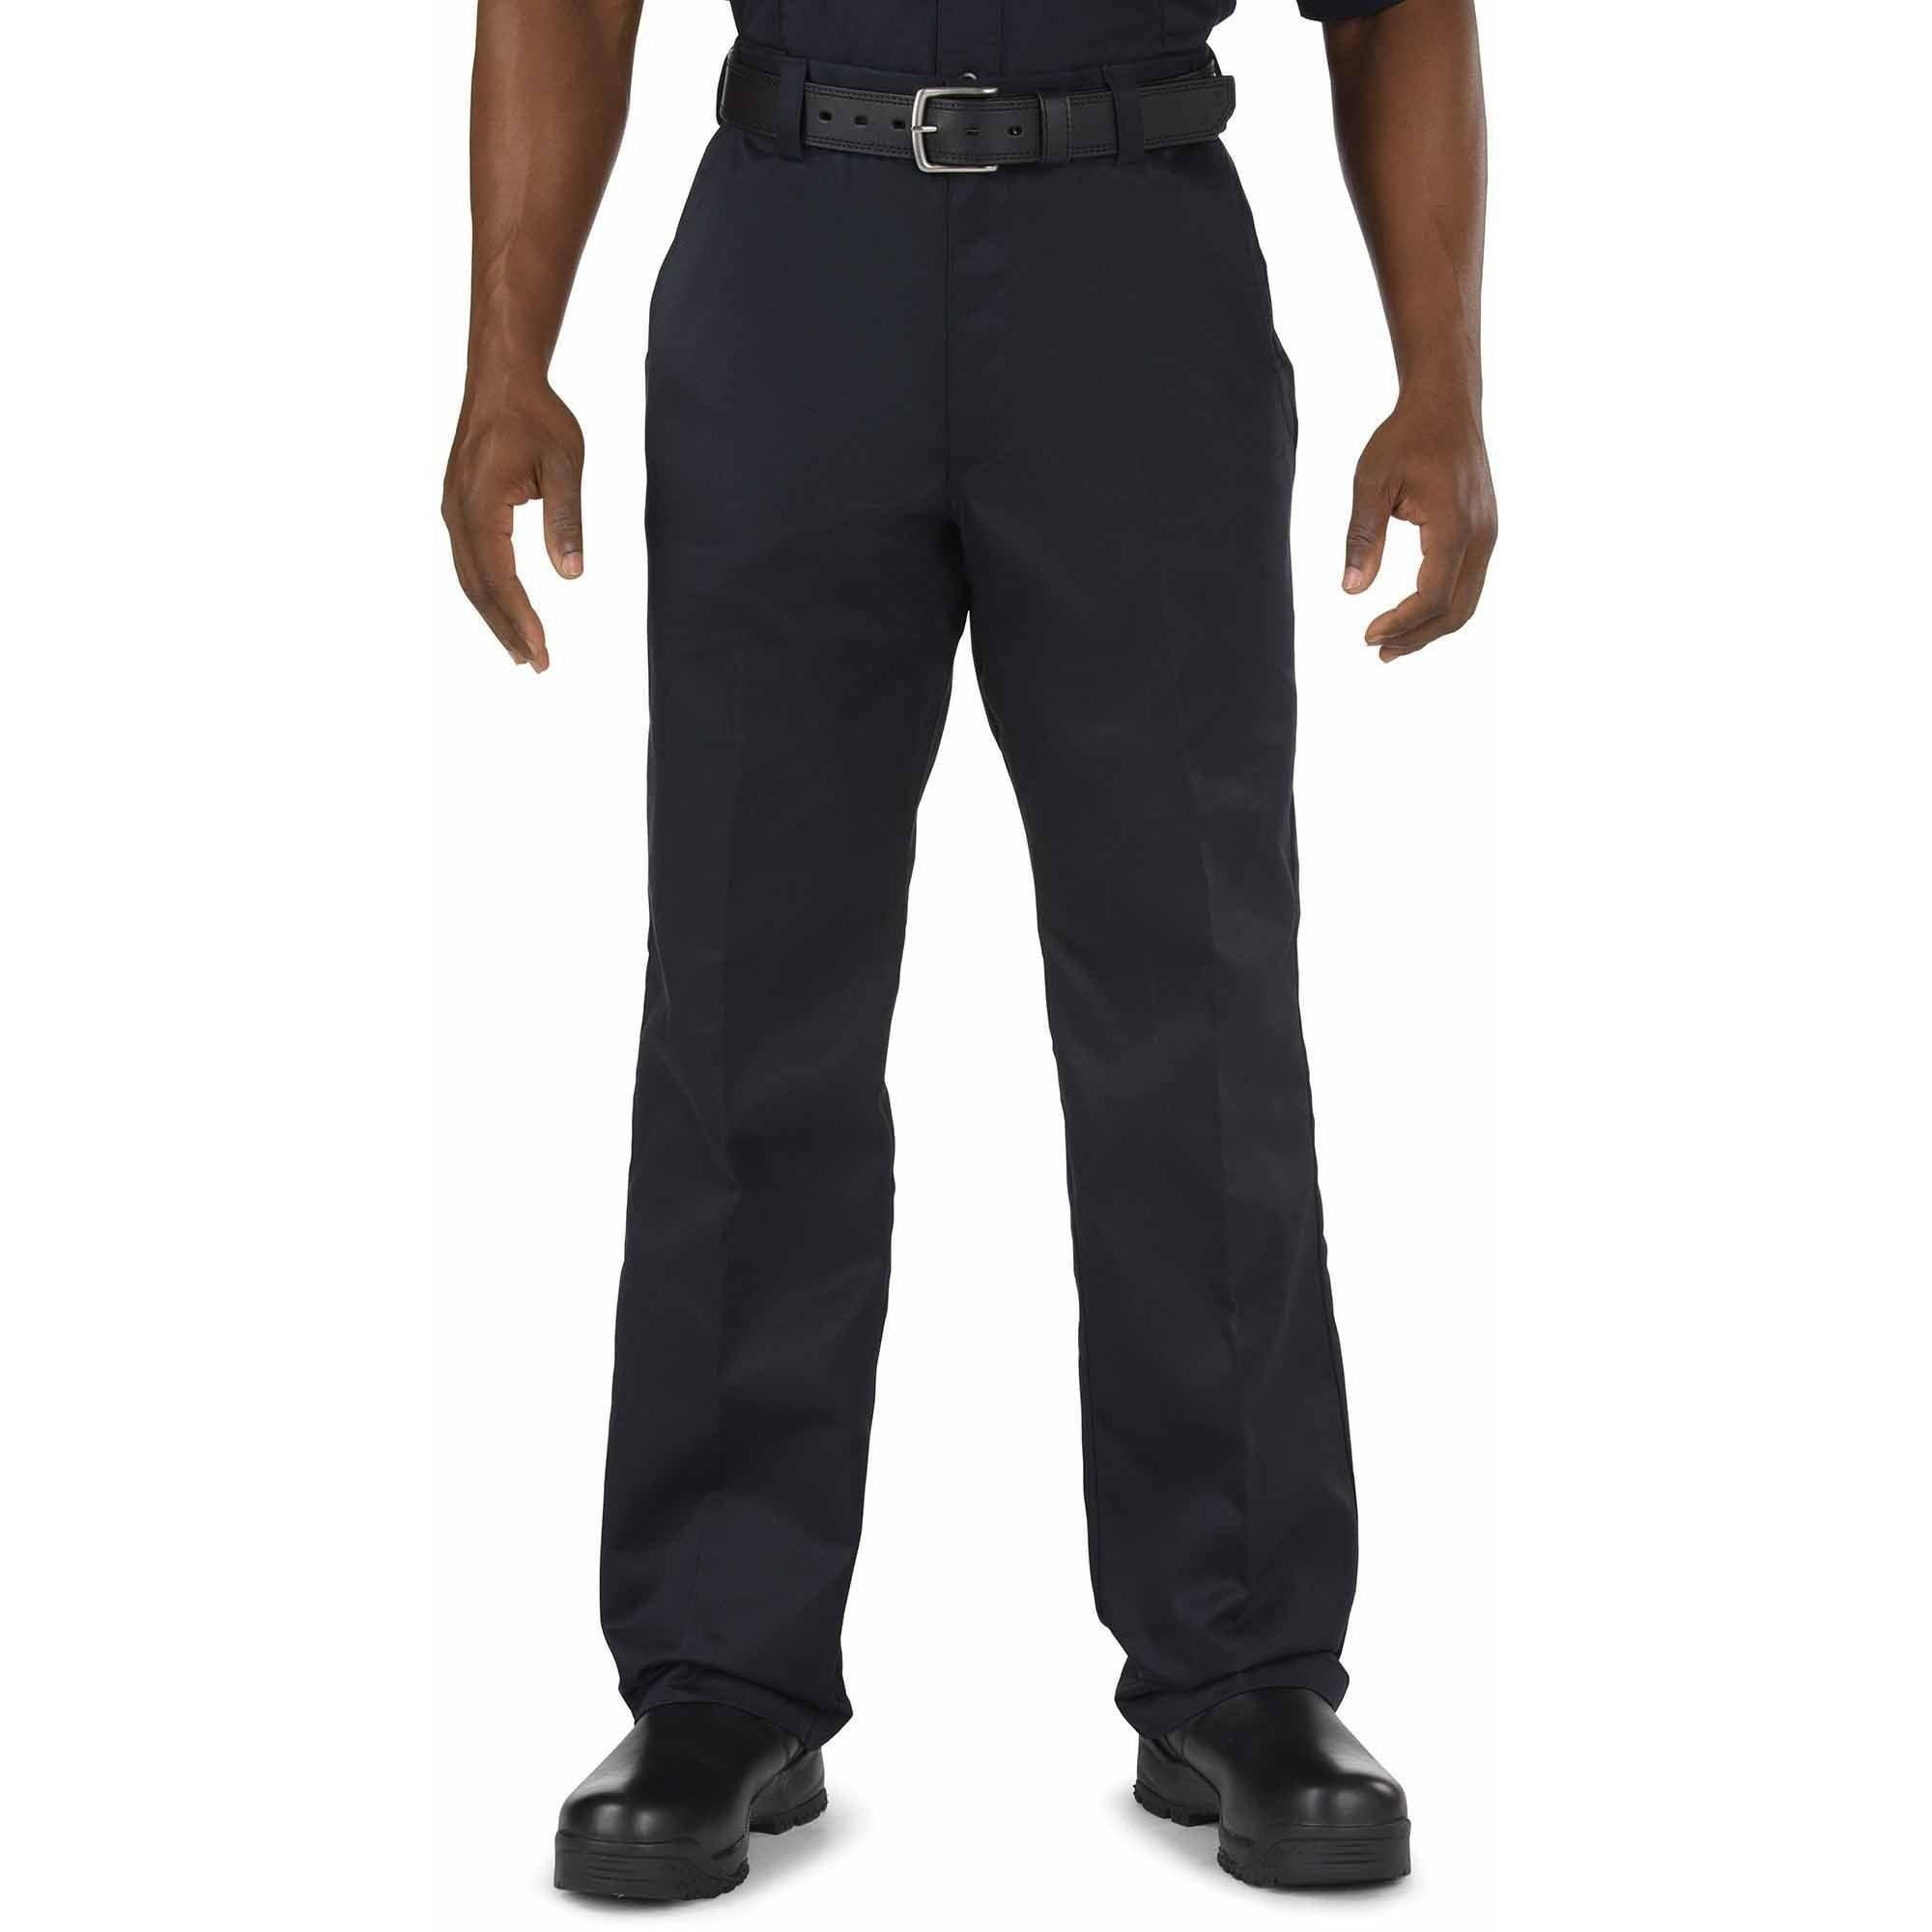 Men's Company Pant, Fire Navy